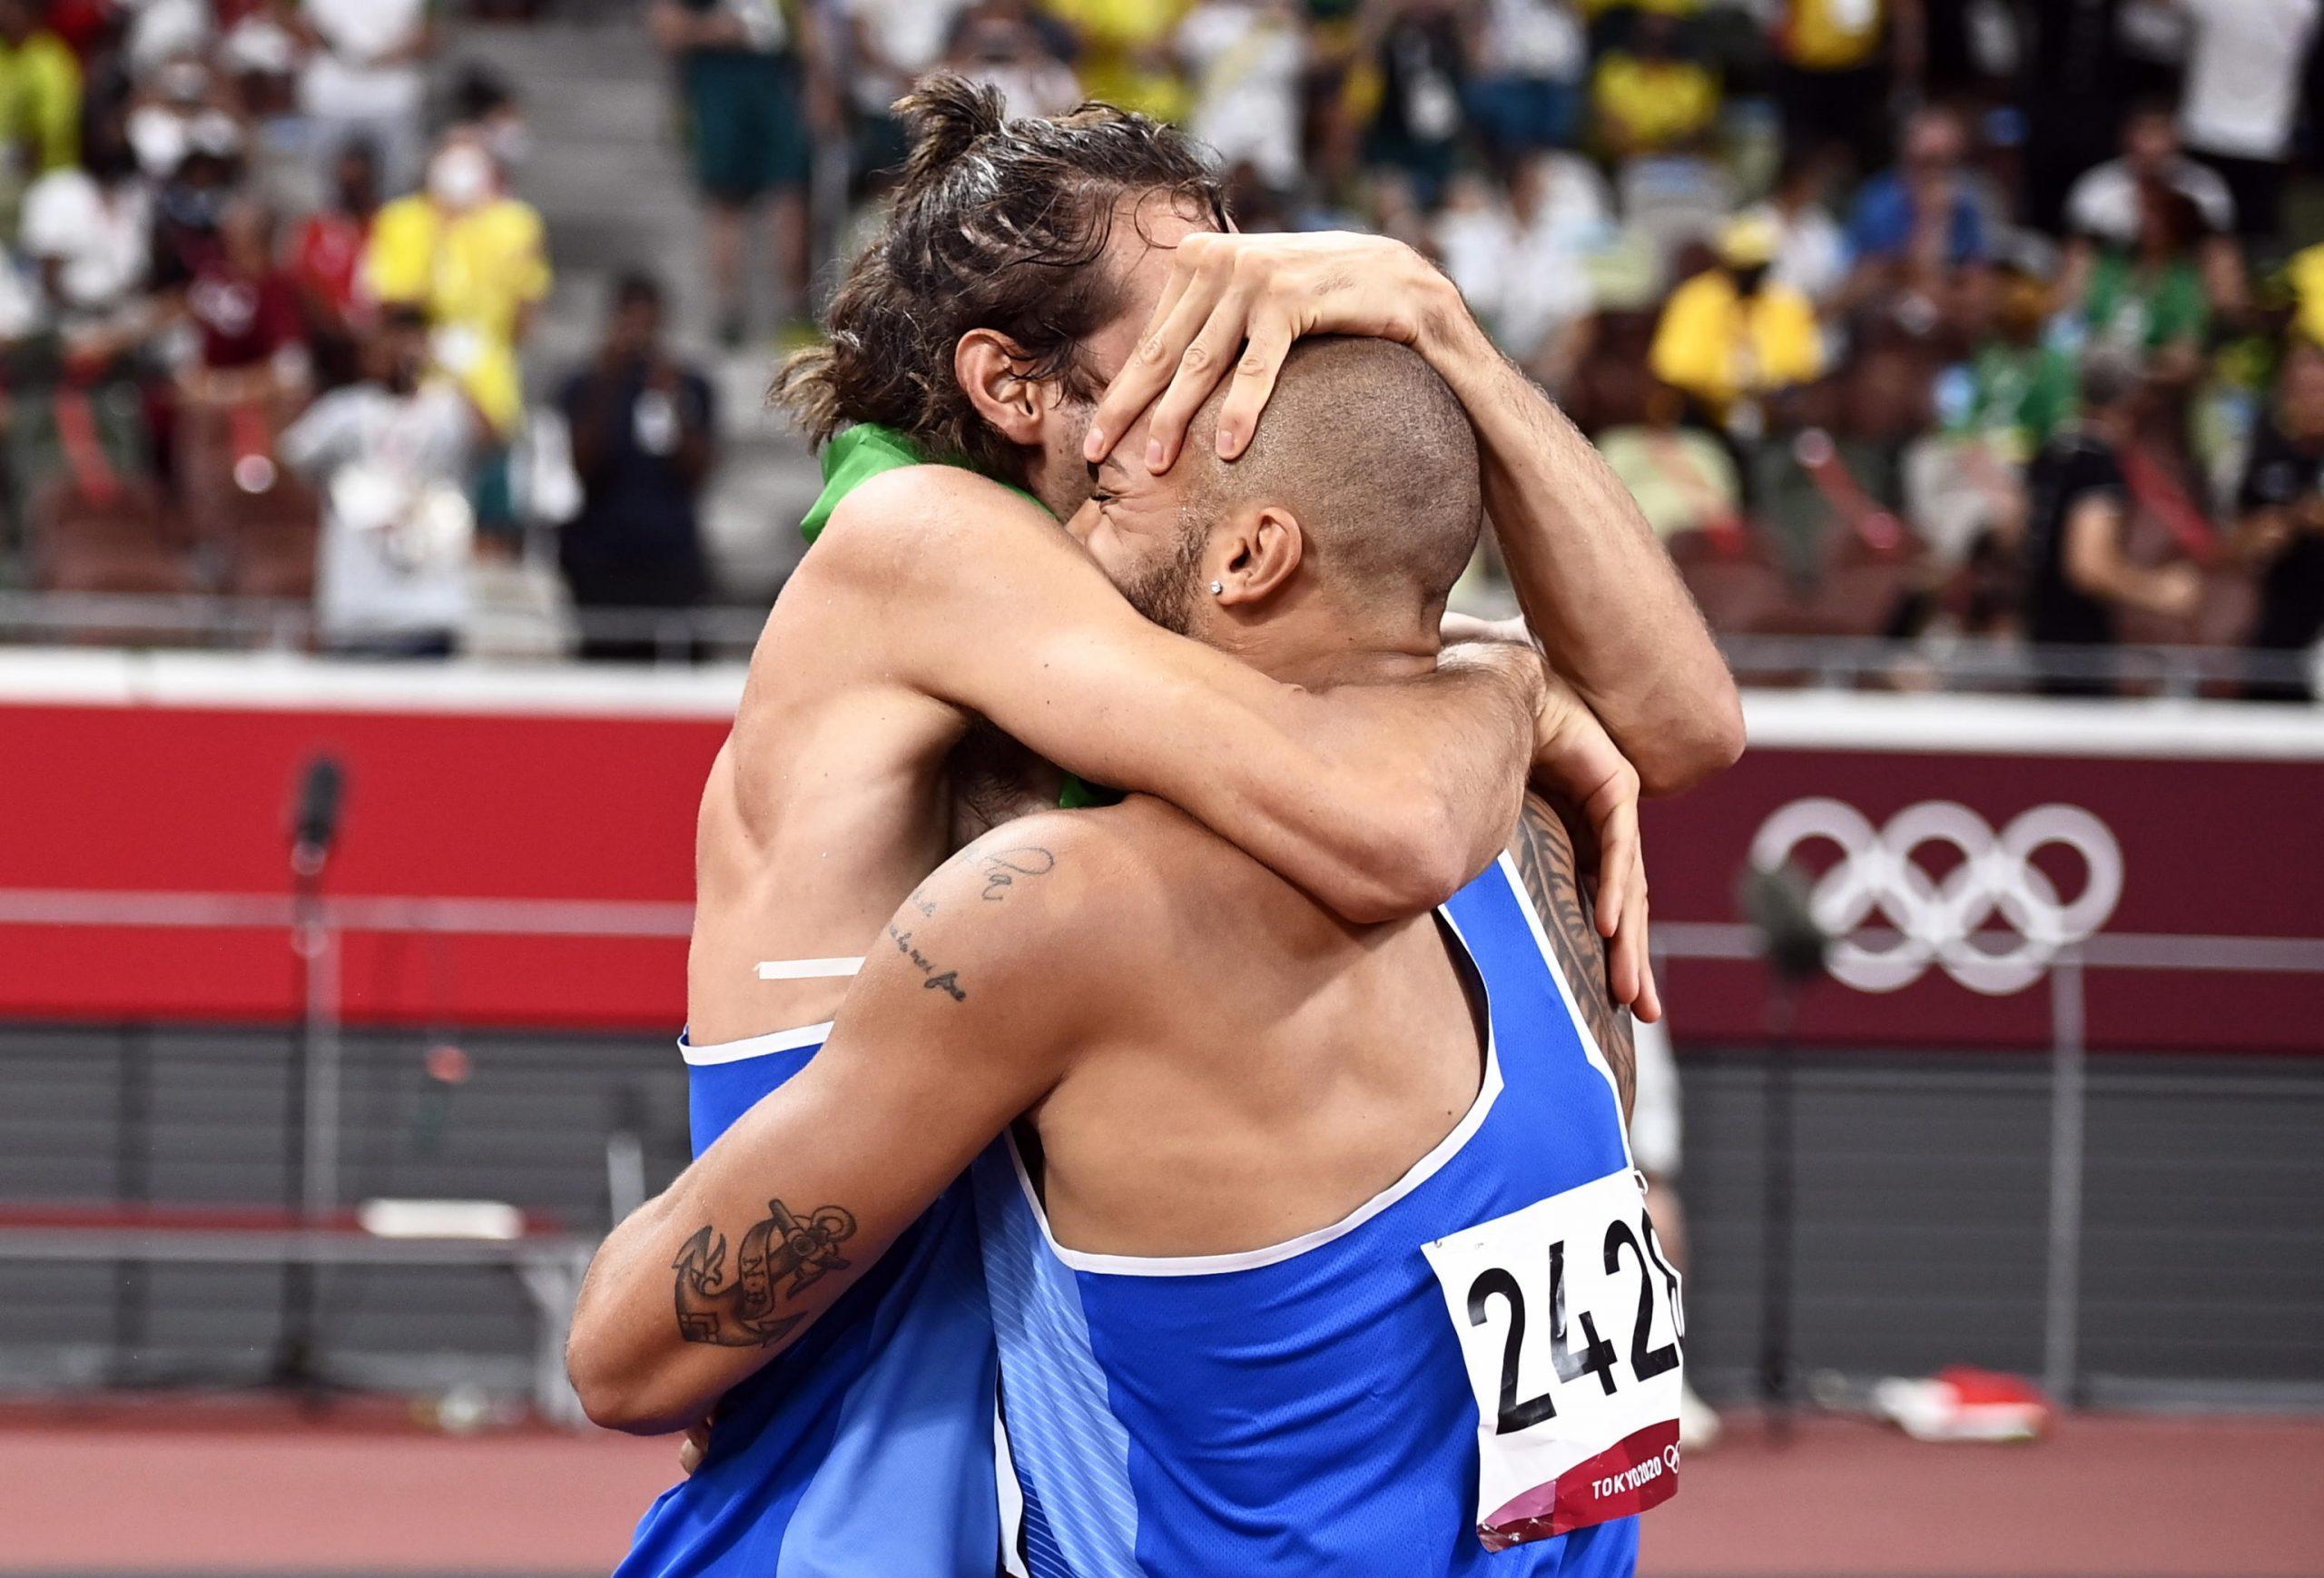 Jacobs e Tamberi nella storia: oro nei 100 metri e nel salto in alto